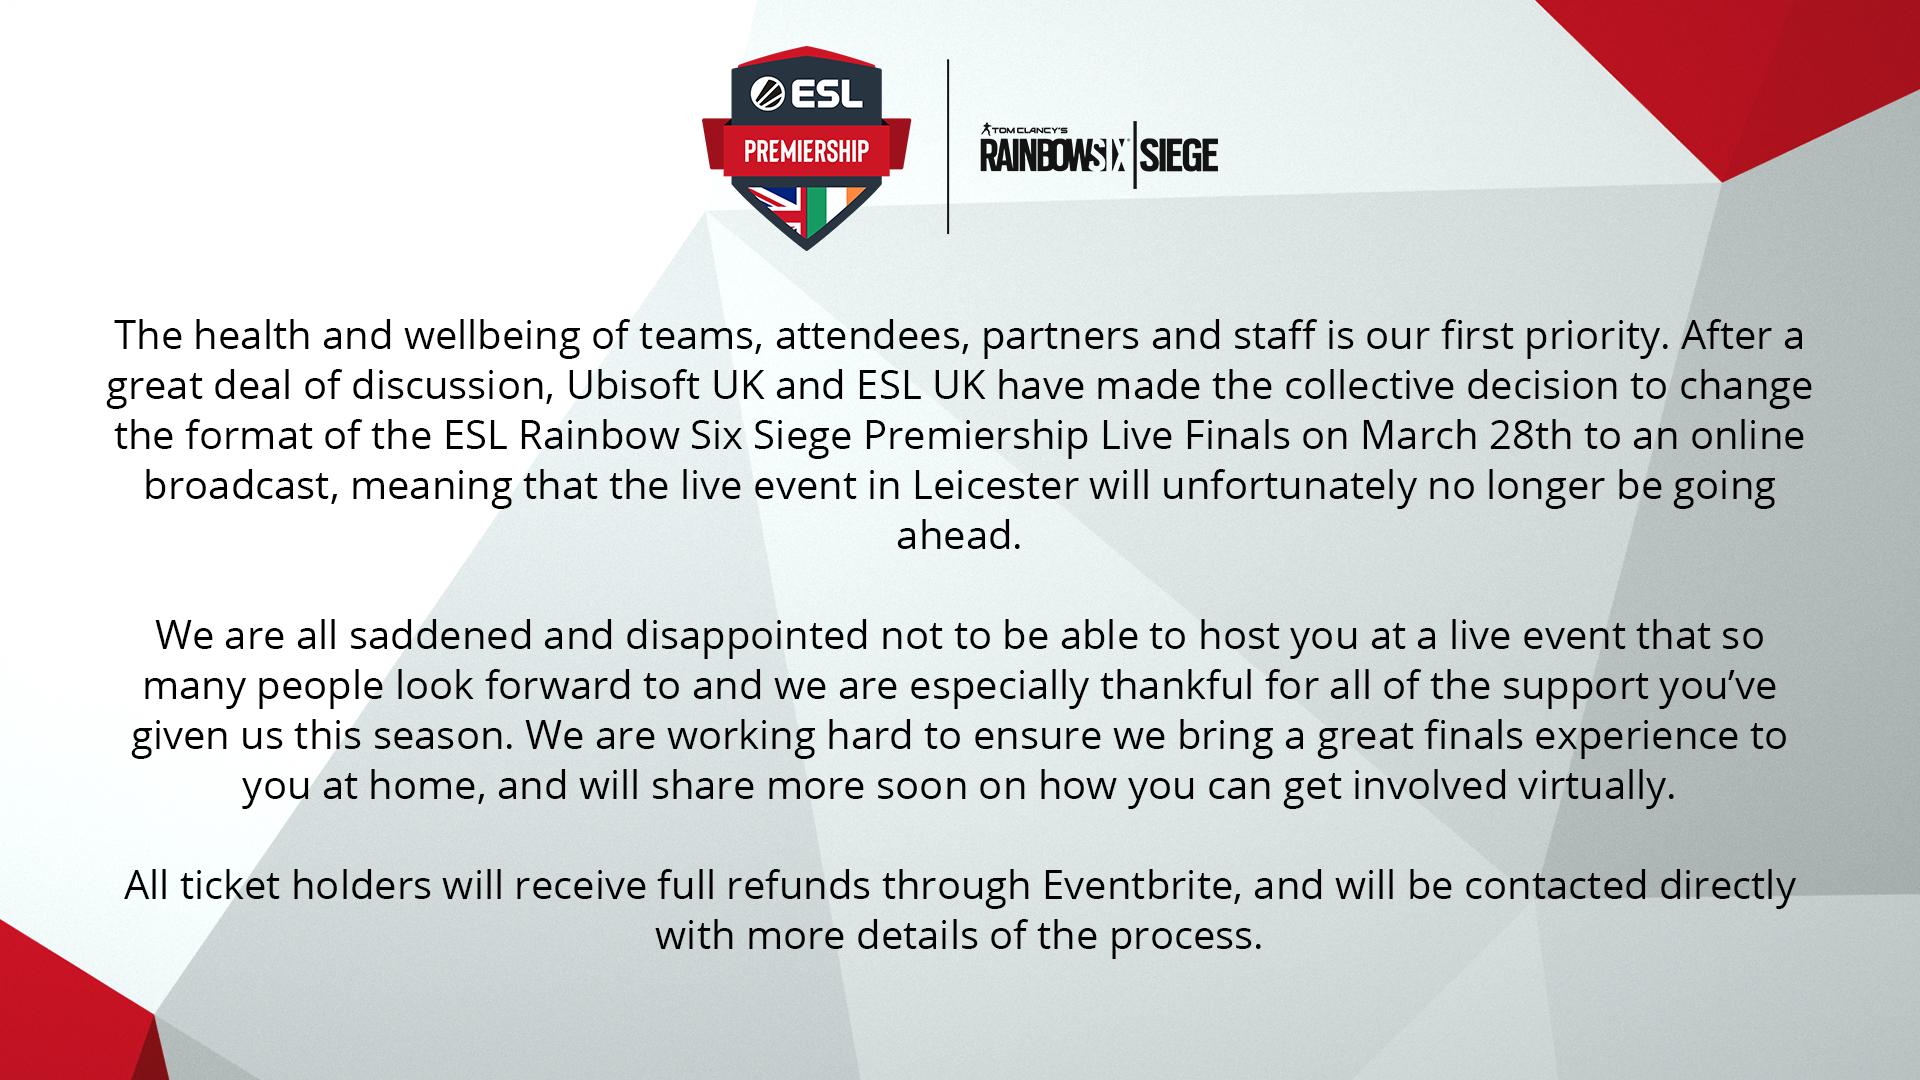 #ESLPrem Rainbow Six Siege Spring 2020 Finals Update